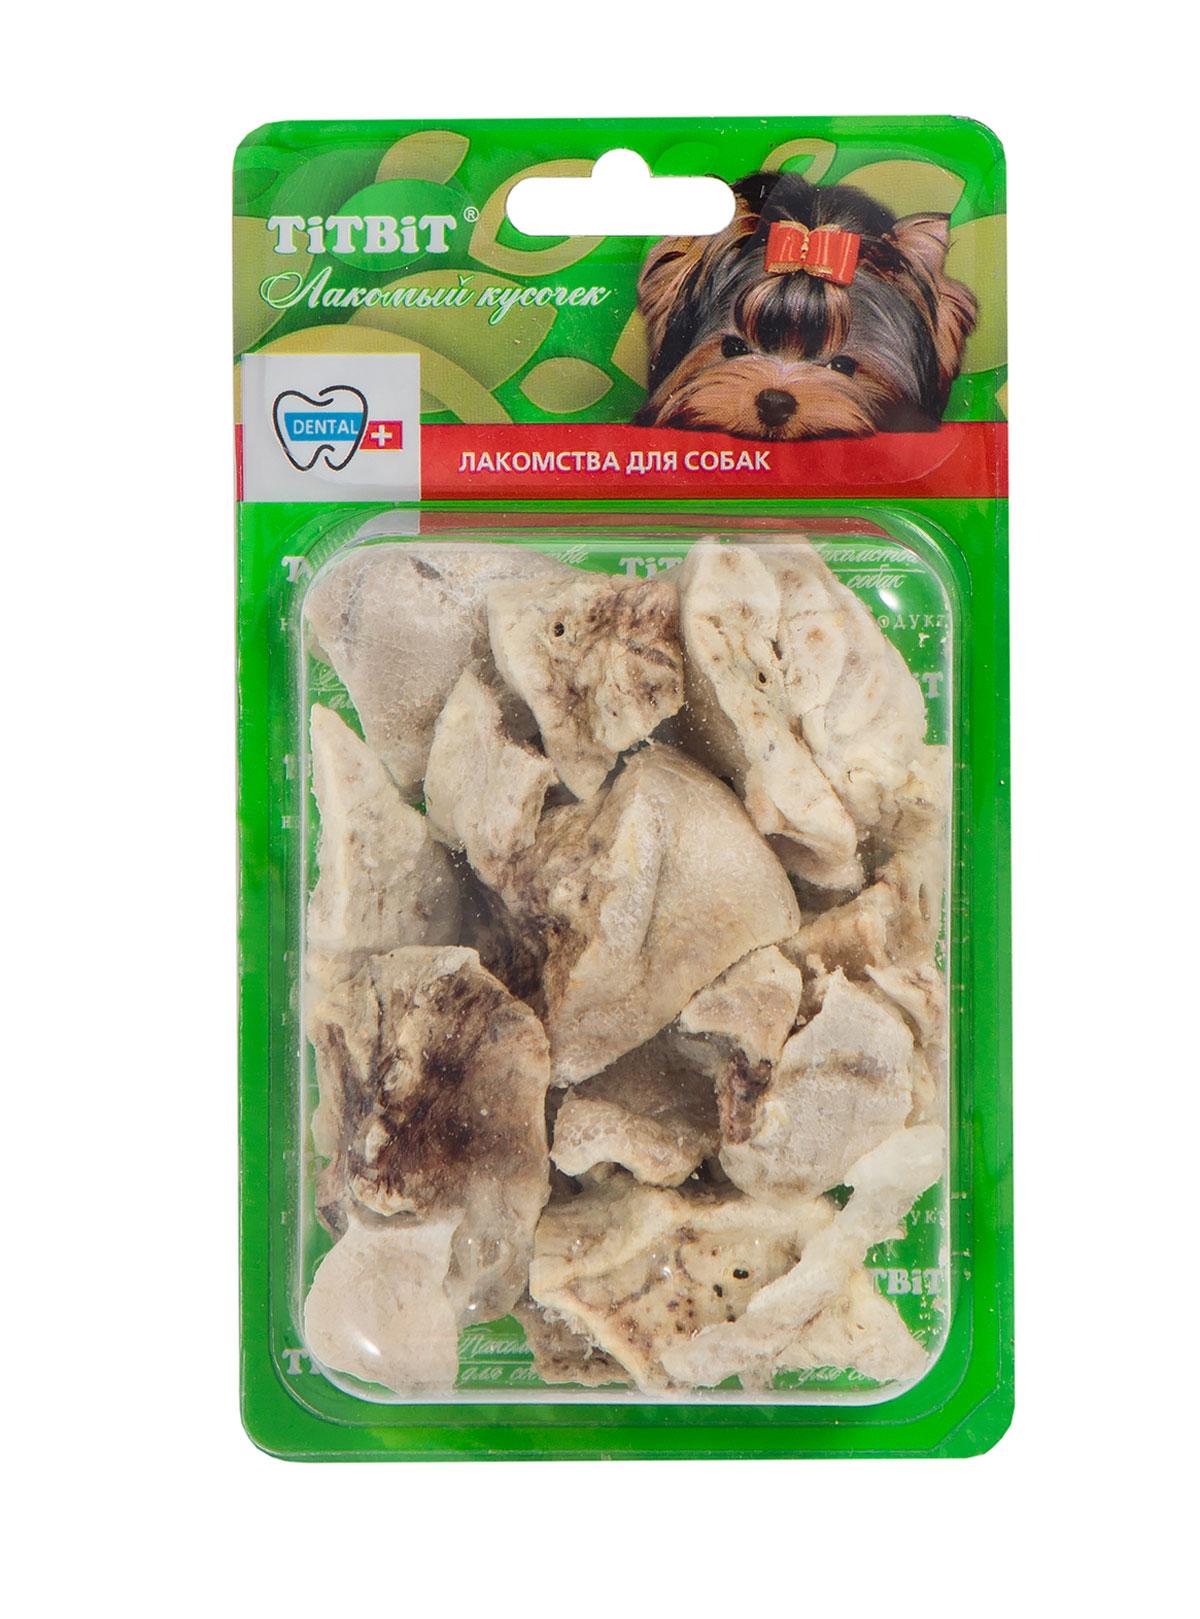 Лакомство для собак Titbit, говяжье легкое, 8-10 кусочков0120710Упаковка содержит 8-10 кусочков высушенного говяжьего легкого.Высокое содержание микроэлементов и соединительной ткани дополняет удовольствие собаки от нежного лакомства.Легкие очень вкусны, малокалорийны и замечательно усваиваются организмом. Легкие содержат практически такой же набор витаминов, как и мясо, но зато гораздо менее жирные. Оказывают положительное воздействие на состояние кожи, шерсти и общий обмен веществ. Кусочки очень удобно использовать в качестве поощрения при дрессуре, и просто на прогулках. Для собак всех пород и возрастов. Особенно рекомендуется для собак с неполной зубной формулой и возрастными изменениями зубочелюстного аполипропиленовый пакетарата. Благодаря вкусовым качествами воздушной структуре является одним из самых любимых лакомствдля наших четвероногих друзей. Состав: Высушенные кусочки говяжьего легкого.